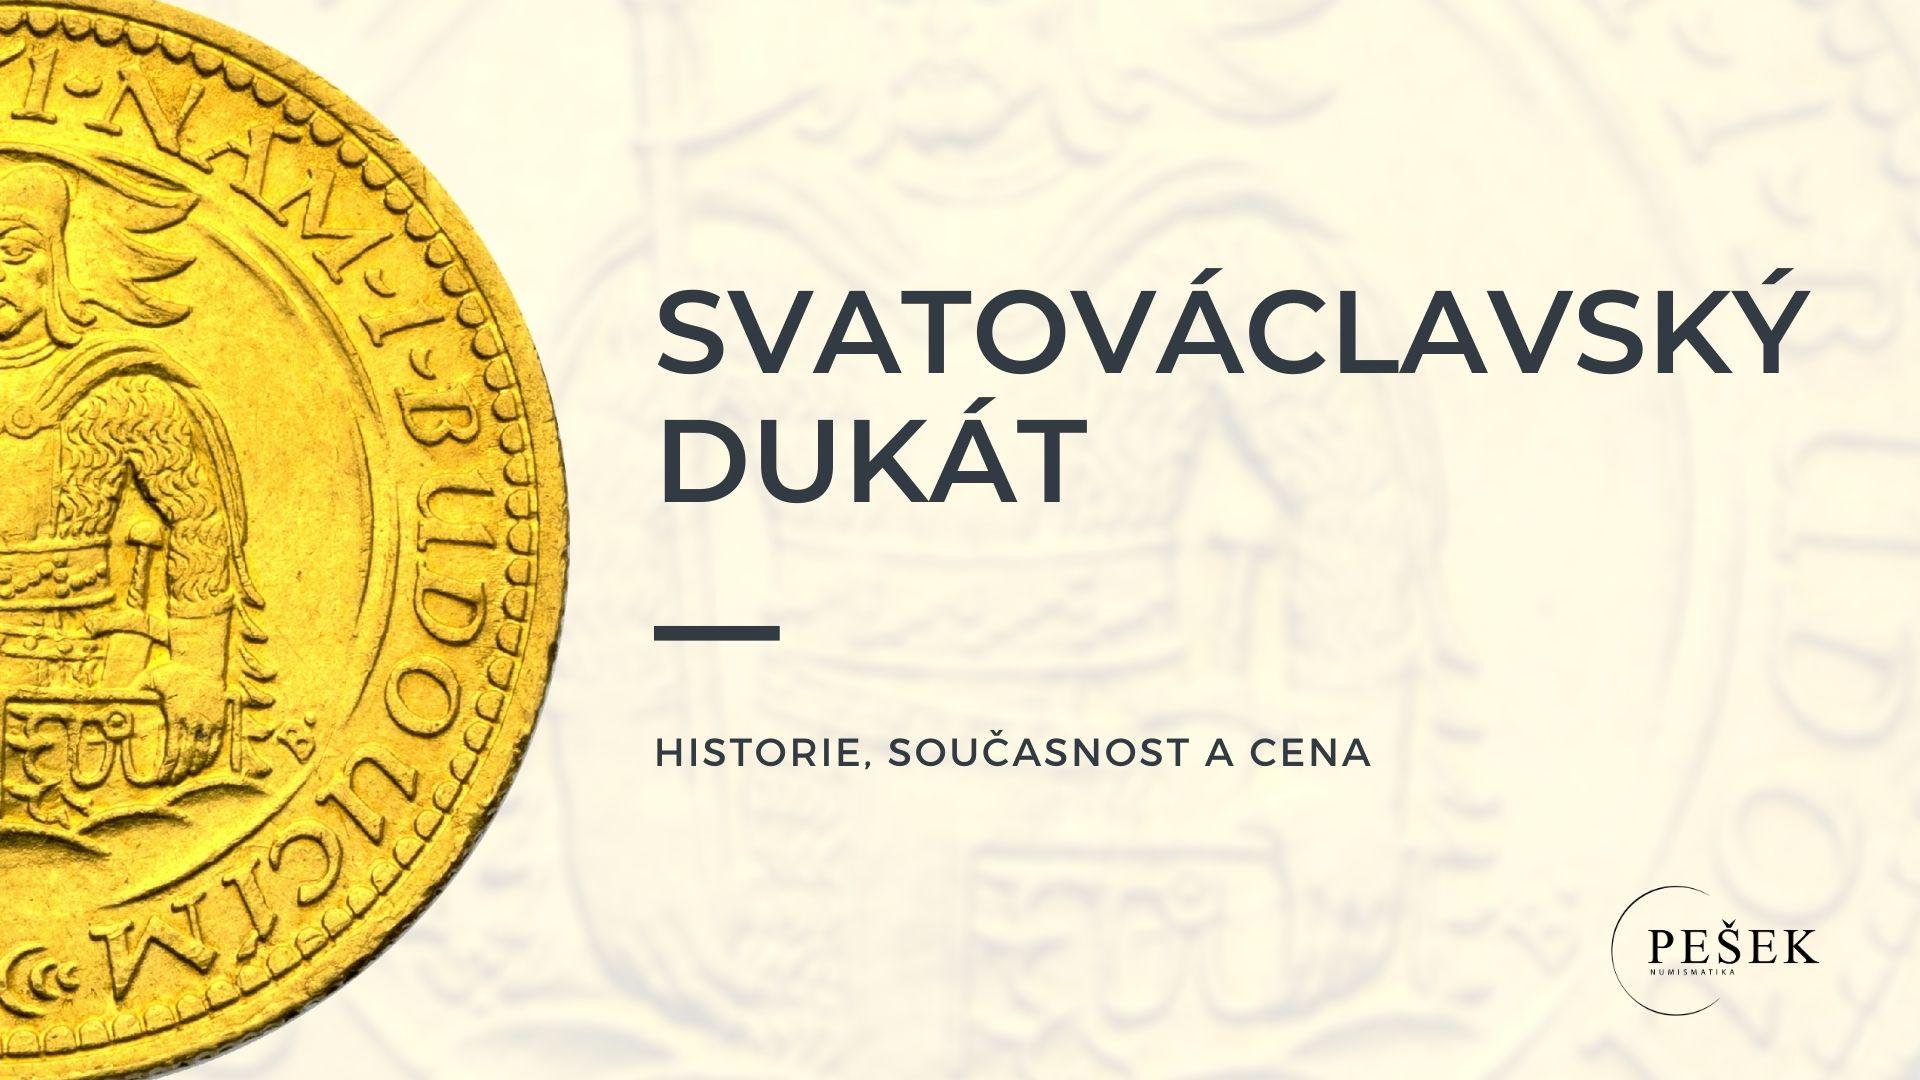 svatovaclavsky-dukat-historie-soucasnost-cena